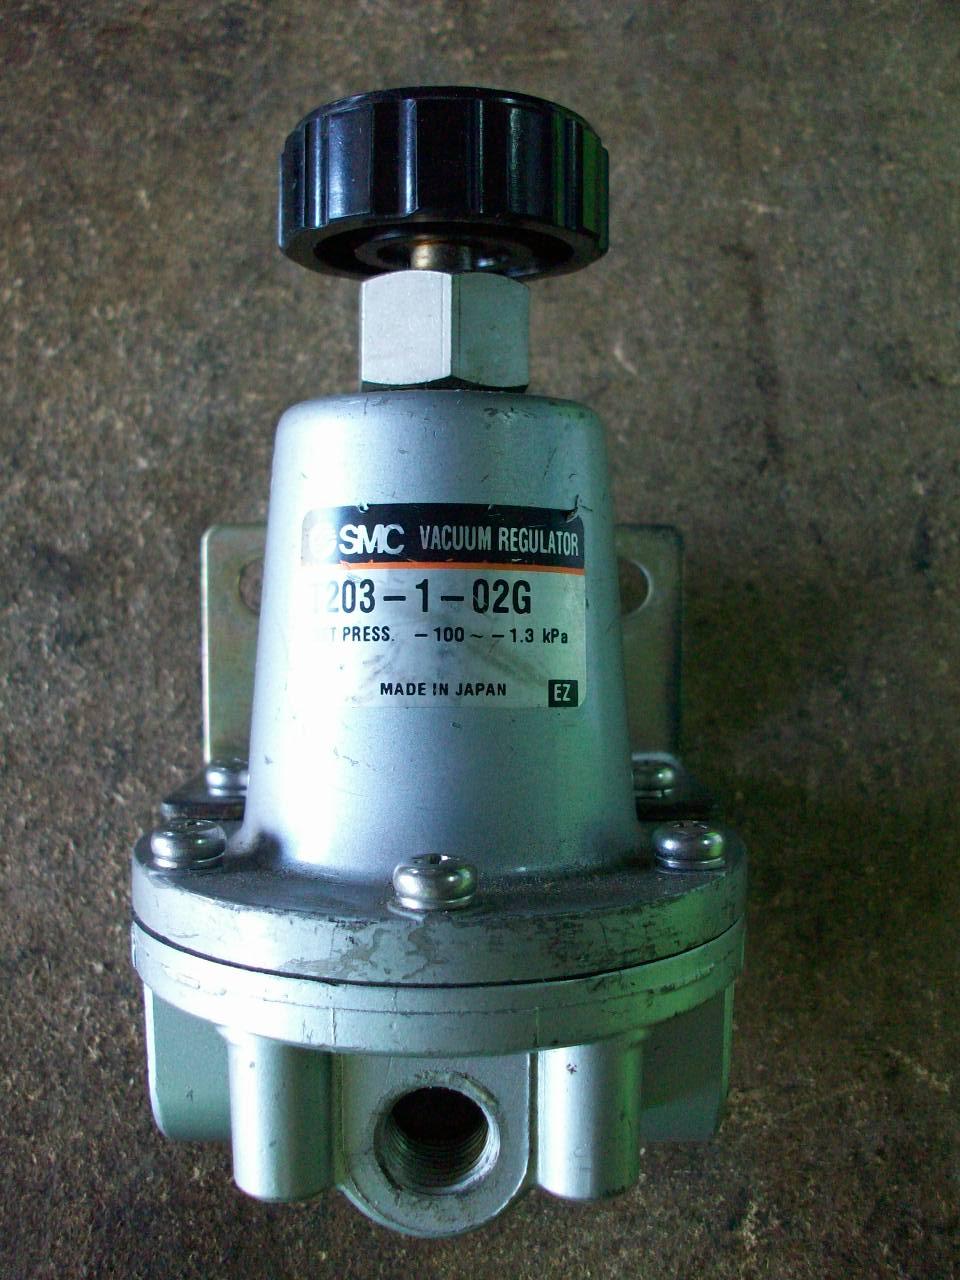 僑大機械五金行: SMC T203-1-02G 精密真空調壓閥